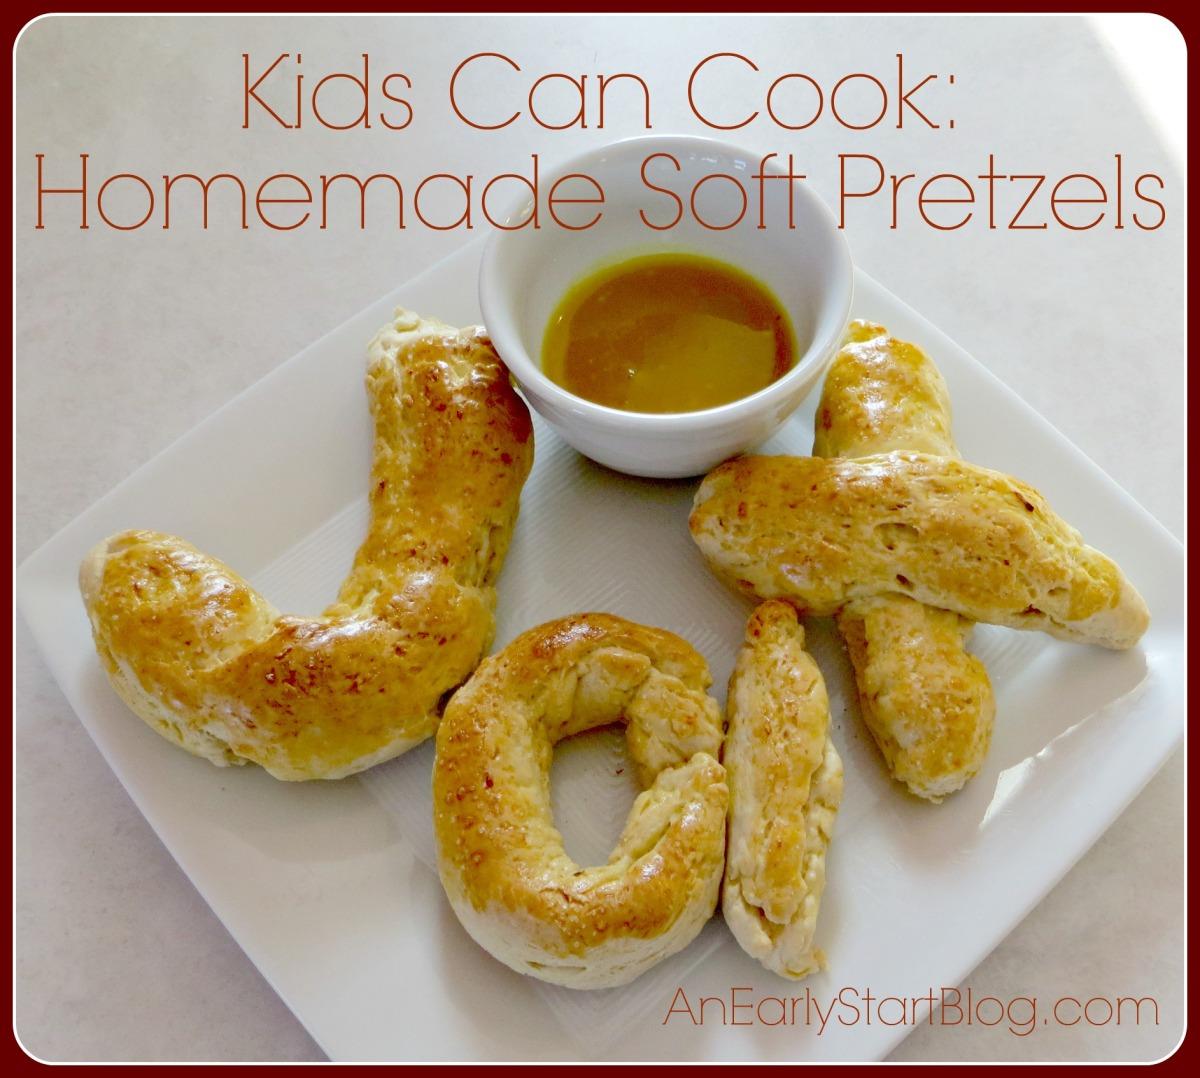 Kids Can Cook: Homemade Soft Pretzels